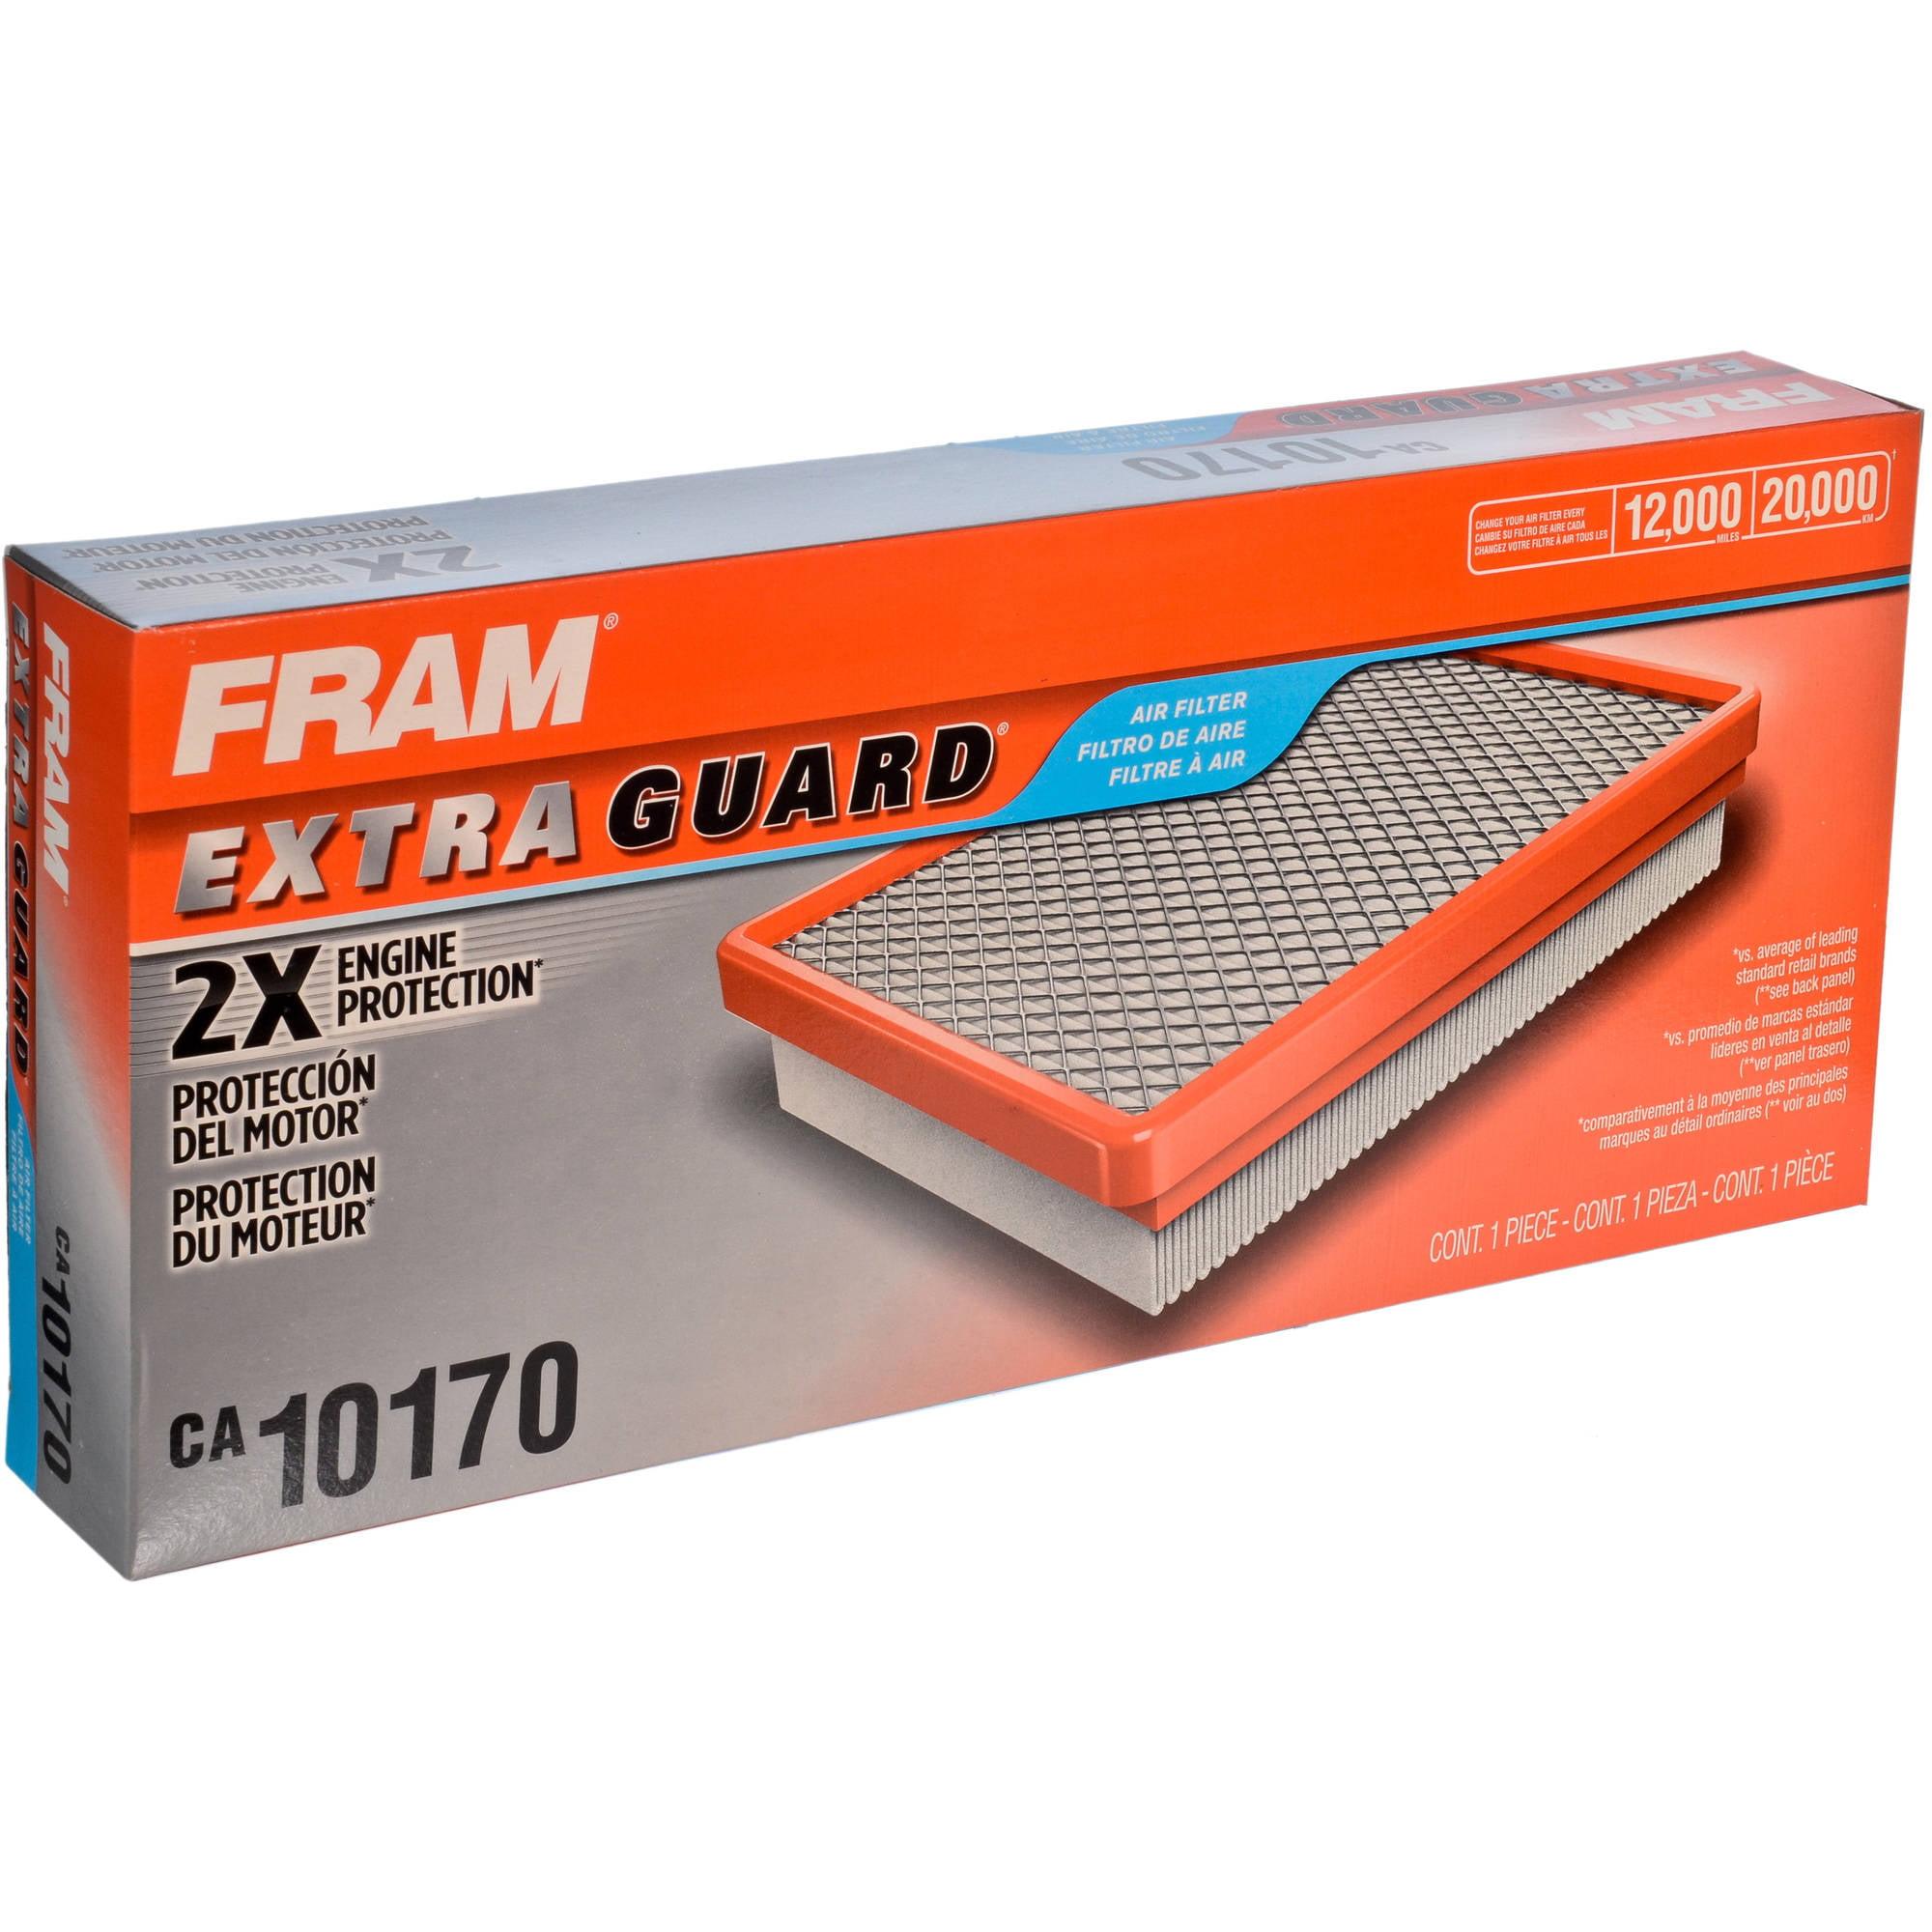 FRAM Extra Guard Air Filter, CA10170 by FRAM